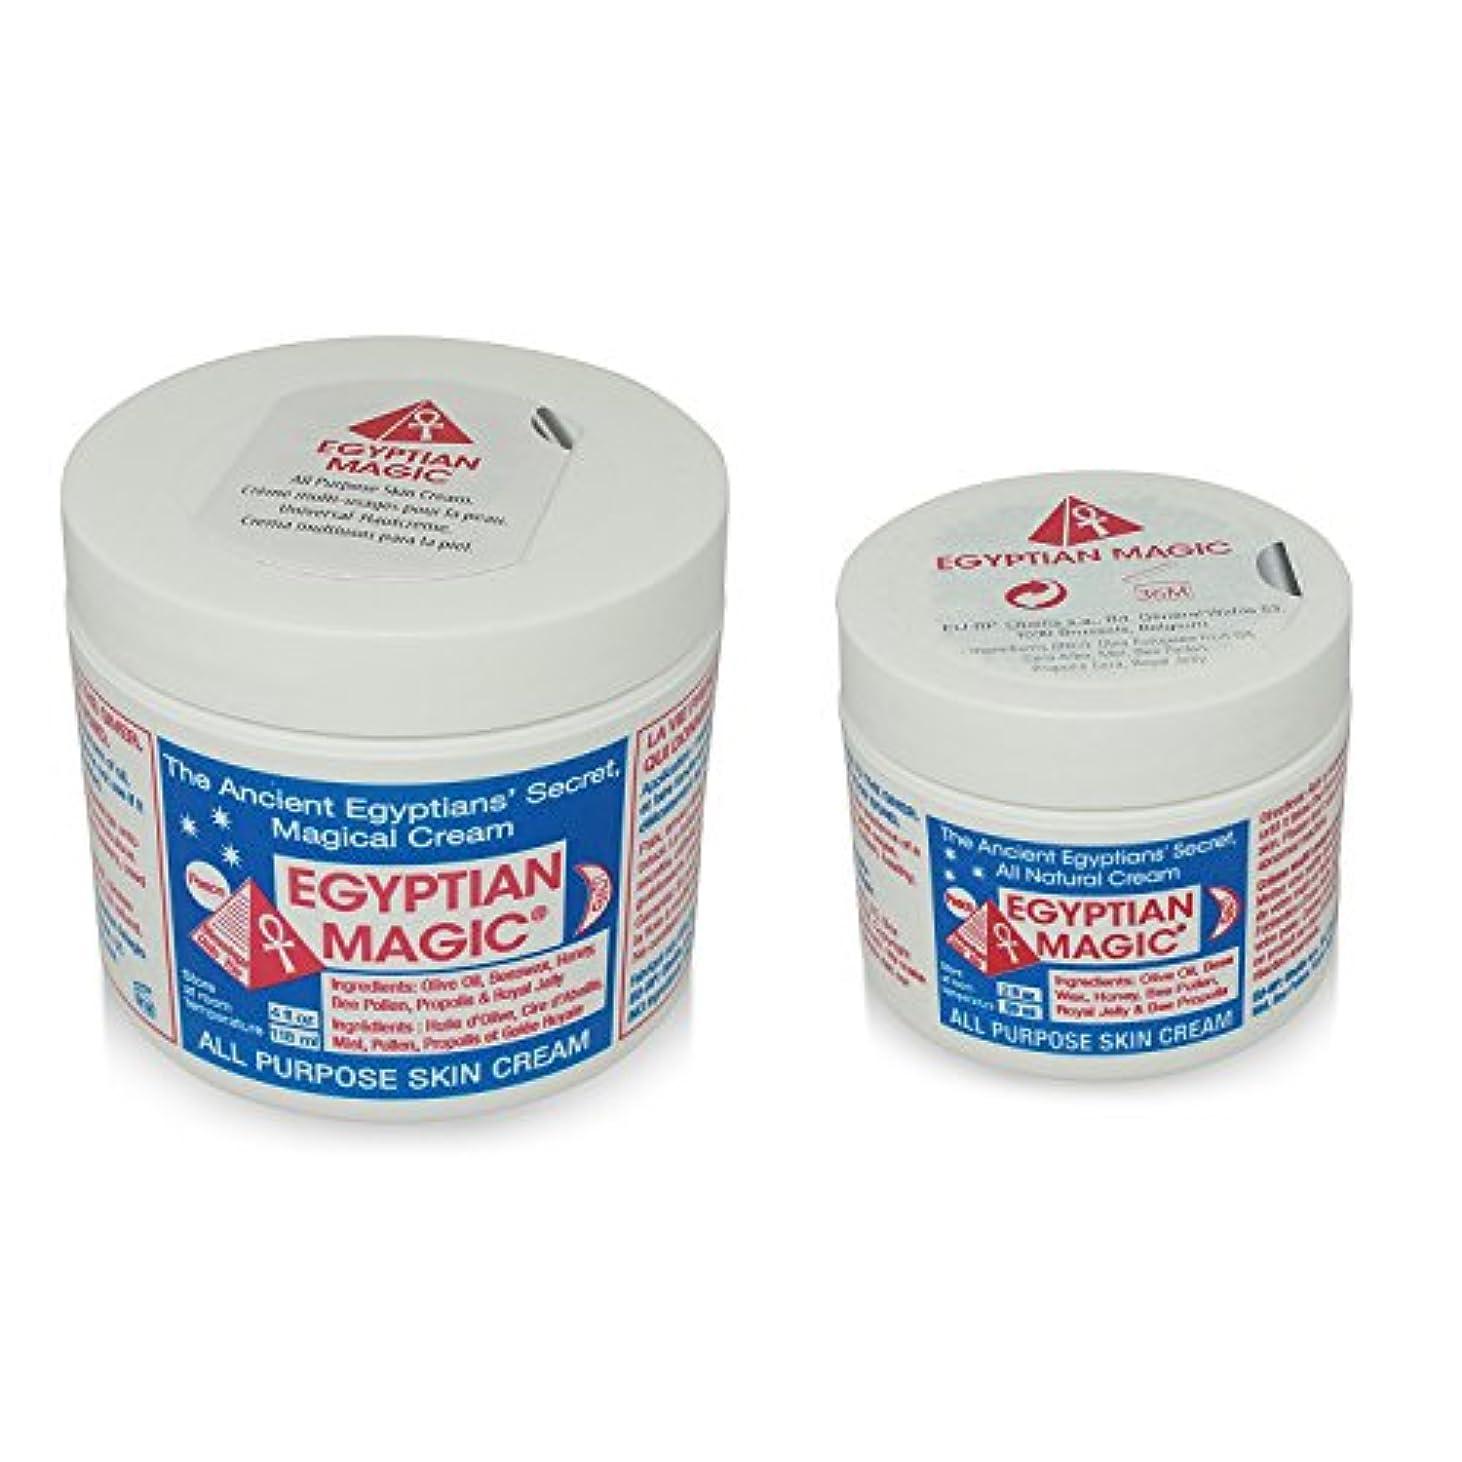 サスペンド人道的親Egyptian Magic Skin Cream エジプシャンマジッククリーム  (118ml)と(59ml)の2個セット